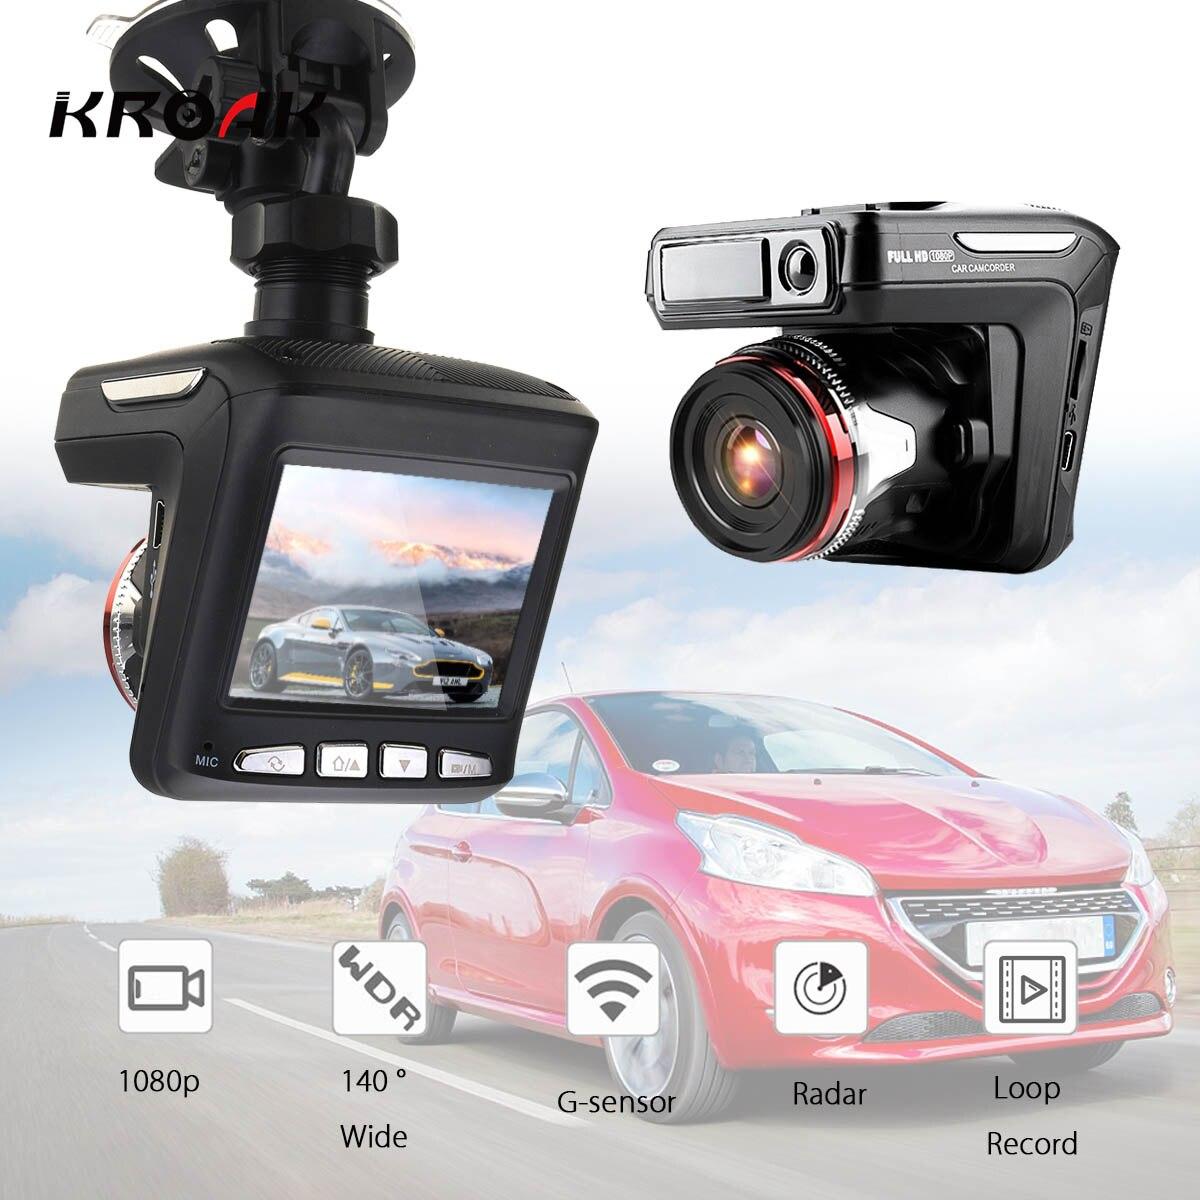 3 in 1 Car DVR HD Pieno 1080 P Rivelatore Del Radar della Macchina Fotografica di GPS 140 Gradi Angolo di Auto Video Recorder Dash cam 2.4 LCD di Guida di Registrazione3 in 1 Car DVR HD Pieno 1080 P Rivelatore Del Radar della Macchina Fotografica di GPS 140 Gradi Angolo di Auto Video Recorder Dash cam 2.4 LCD di Guida di Registrazione